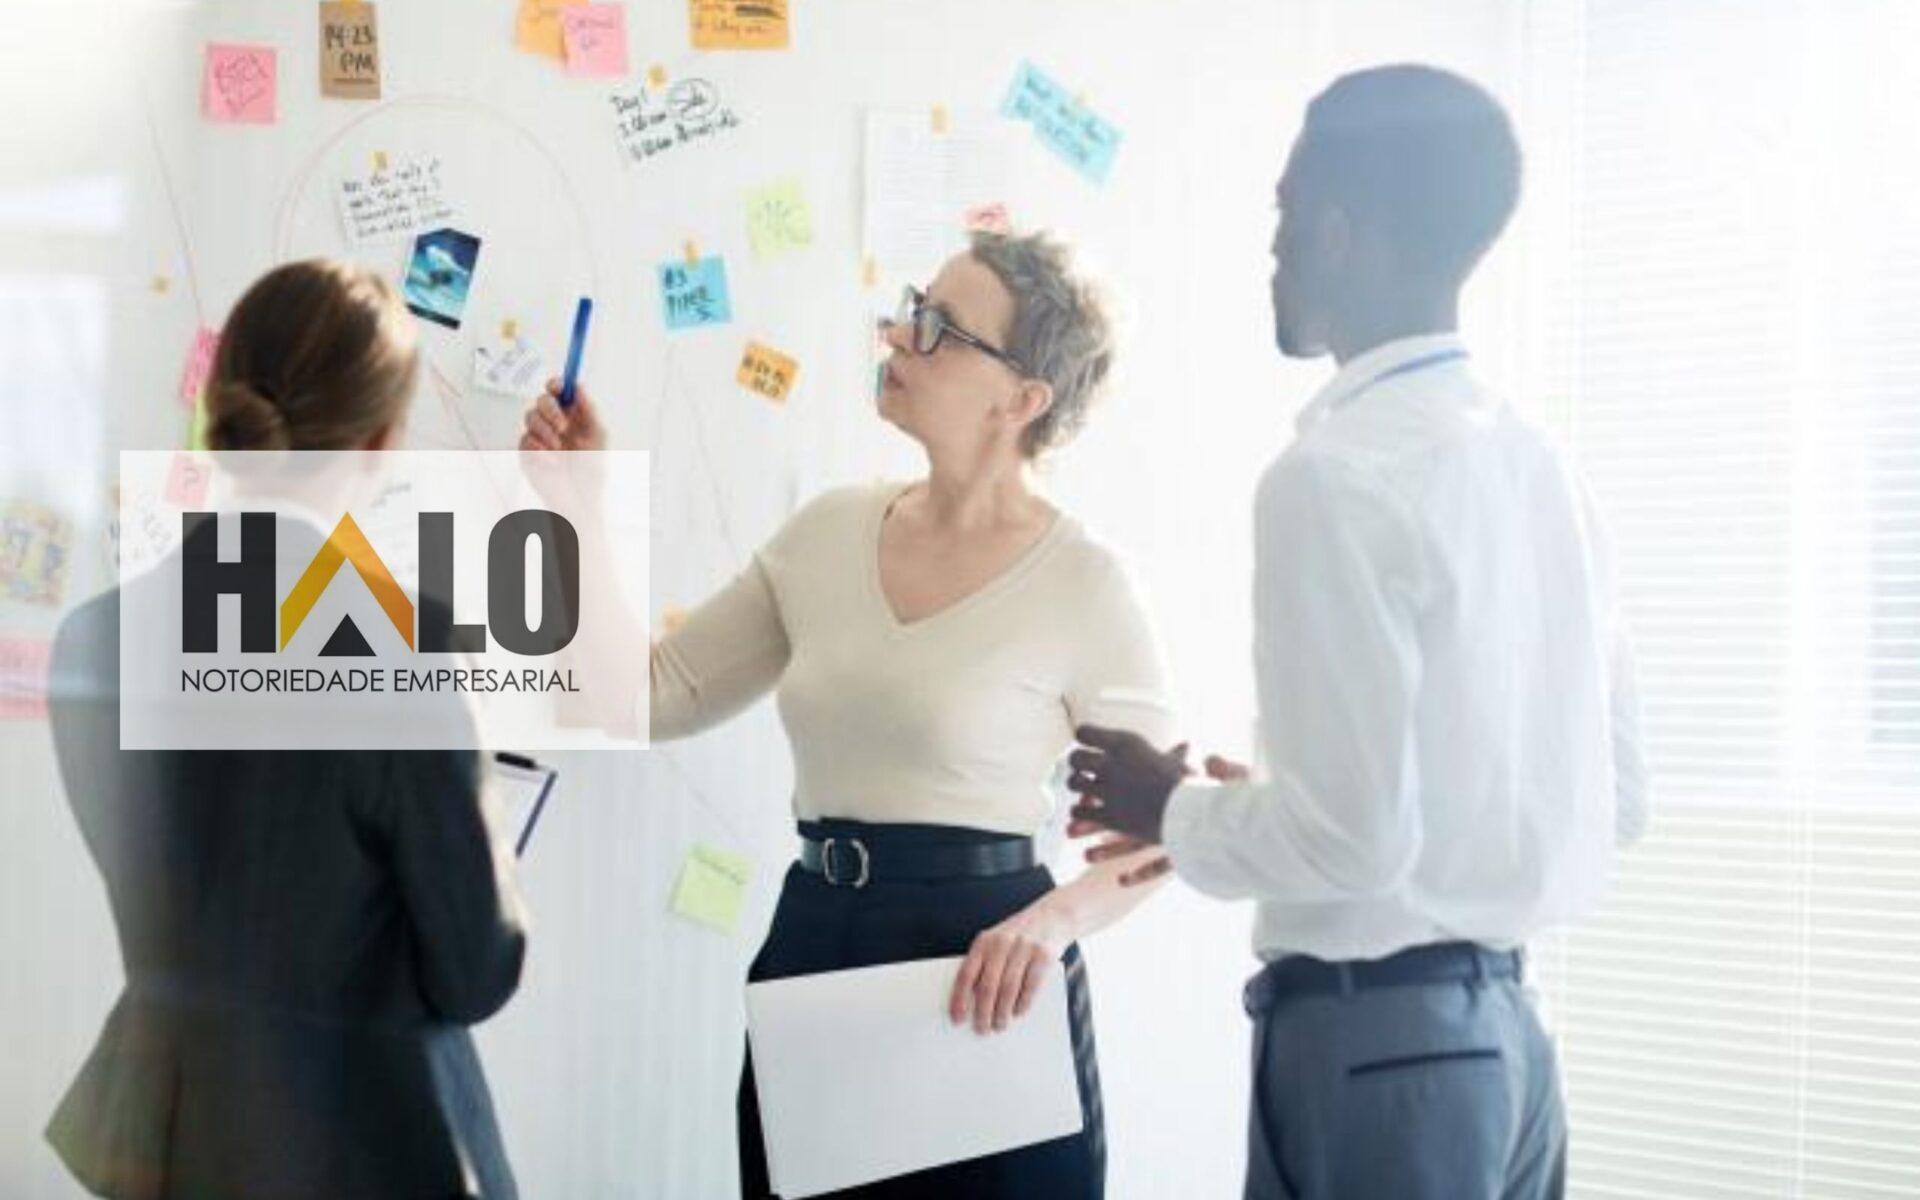 Programa de Mentorias | Halo Notoriedade Empresarial